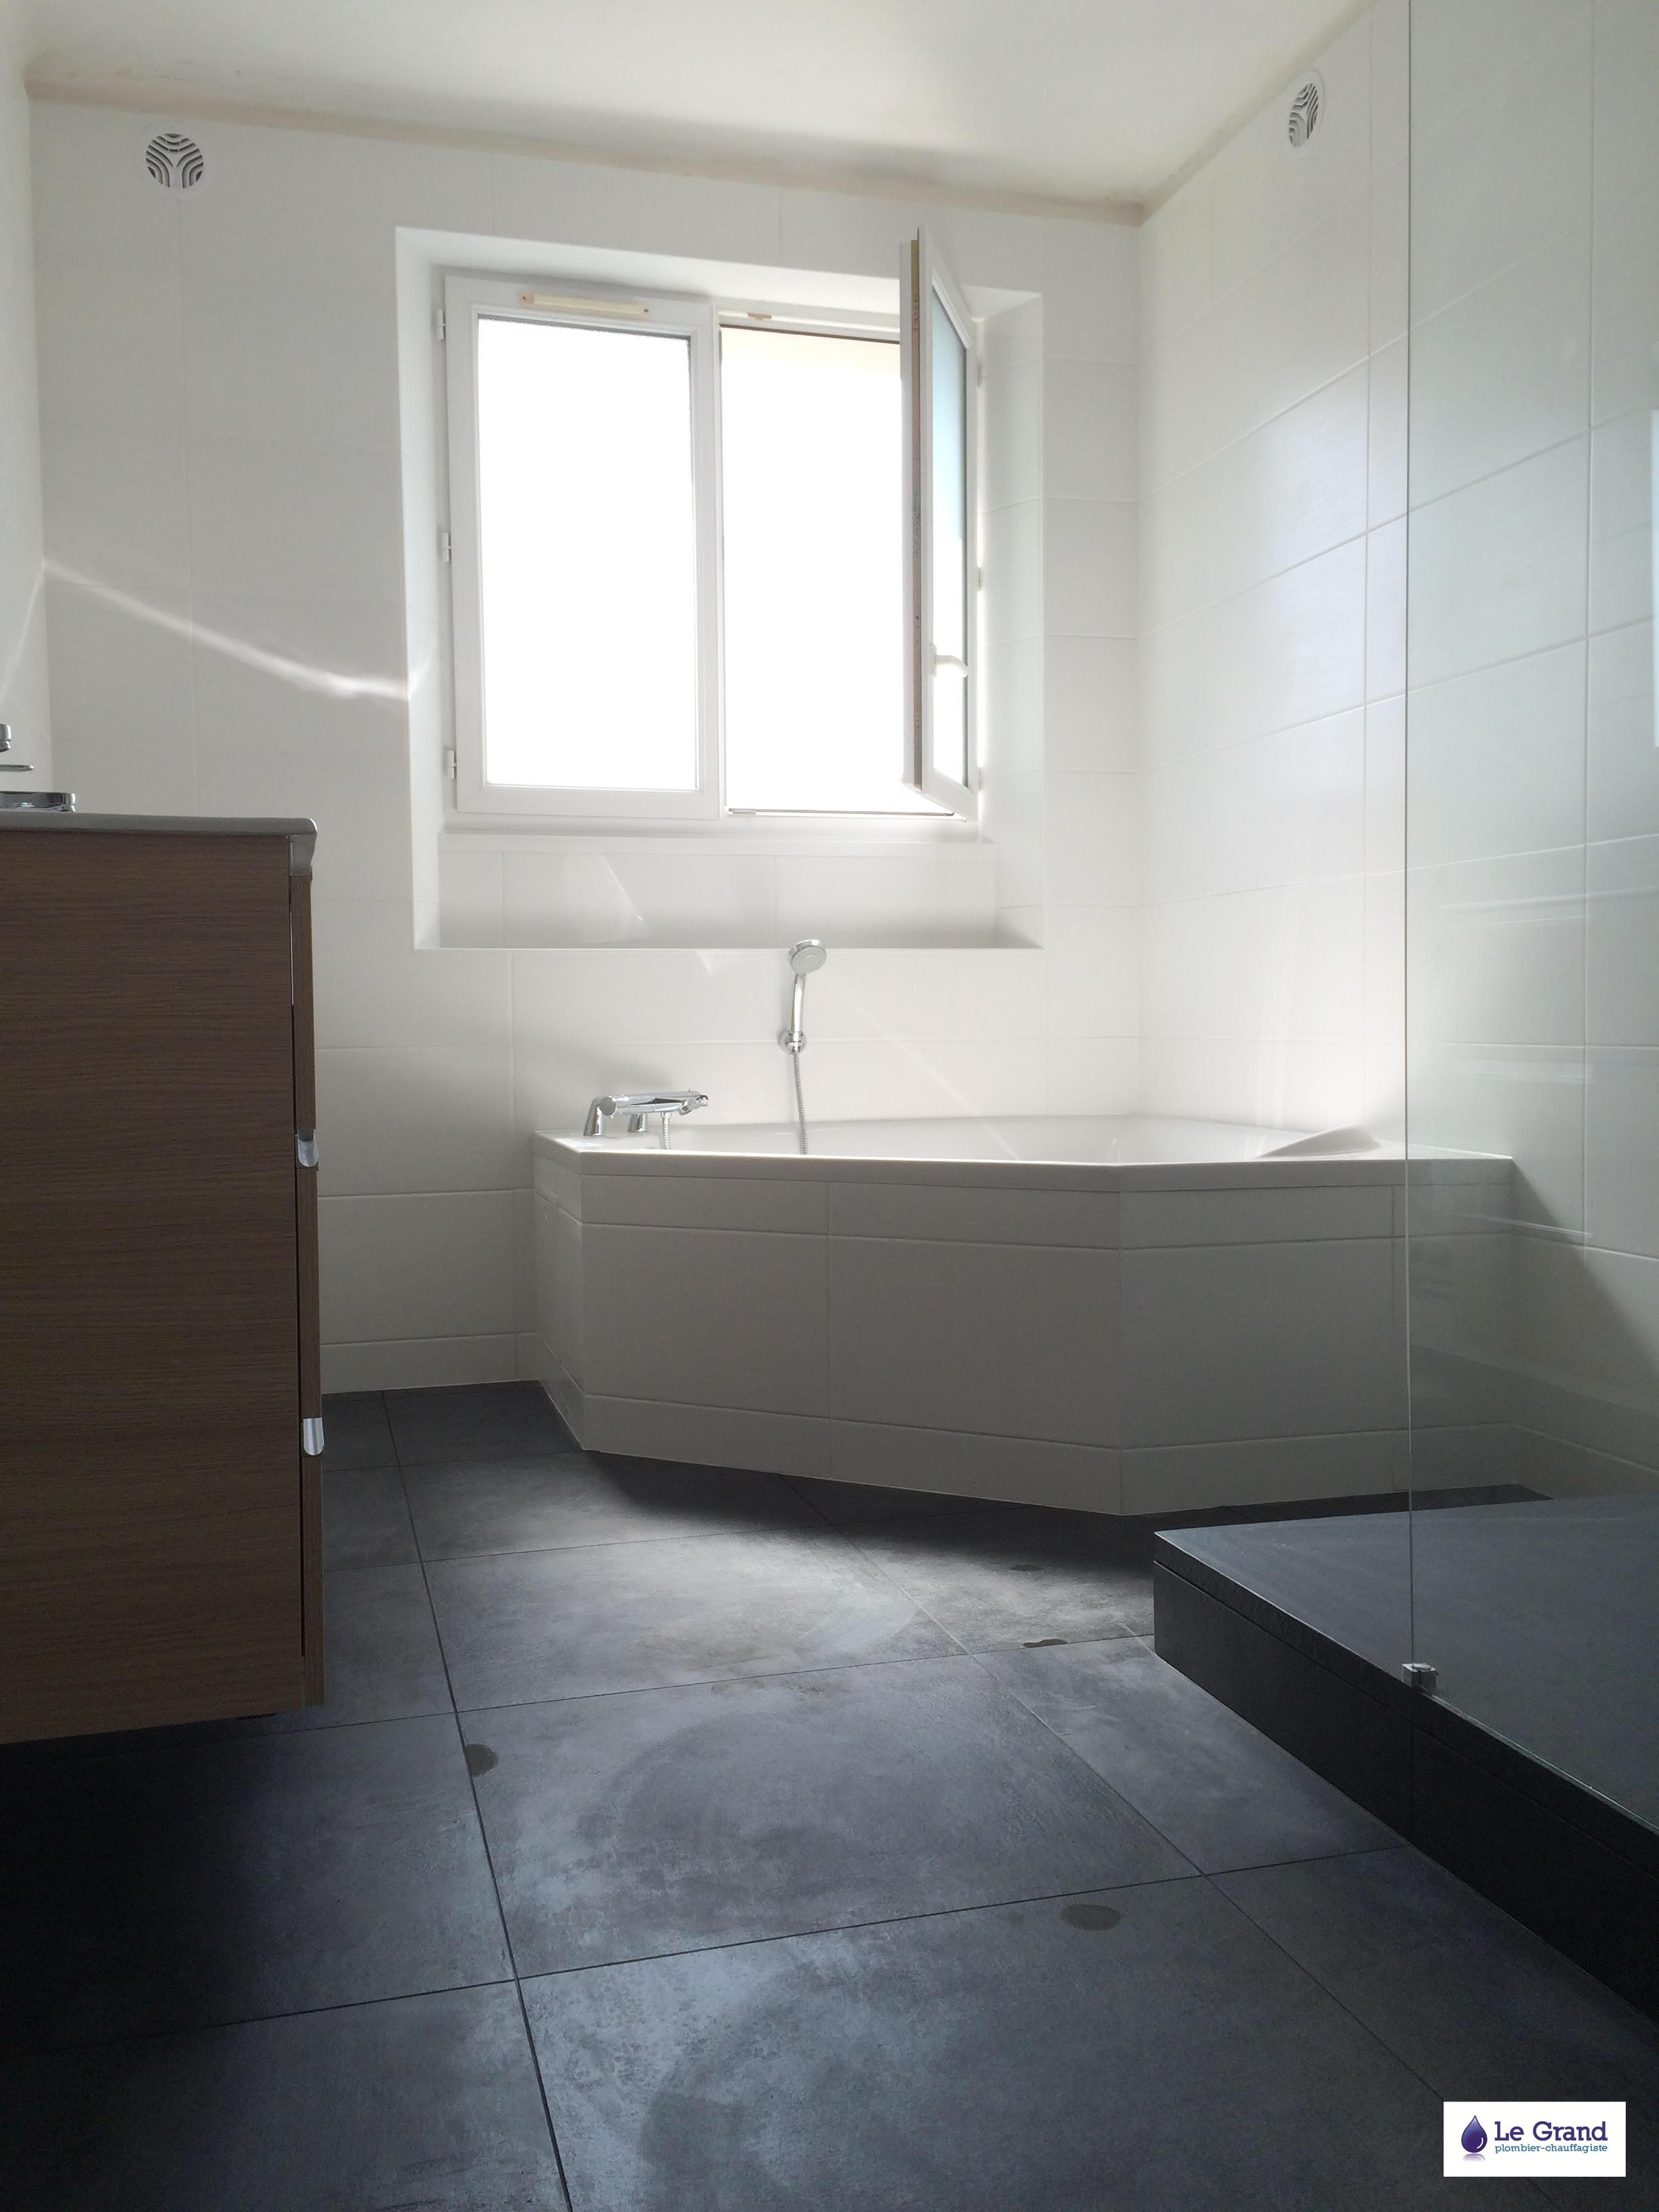 Agencement salle de bain avec douche et baignoire for Plan de salle de bain douche et baignoire